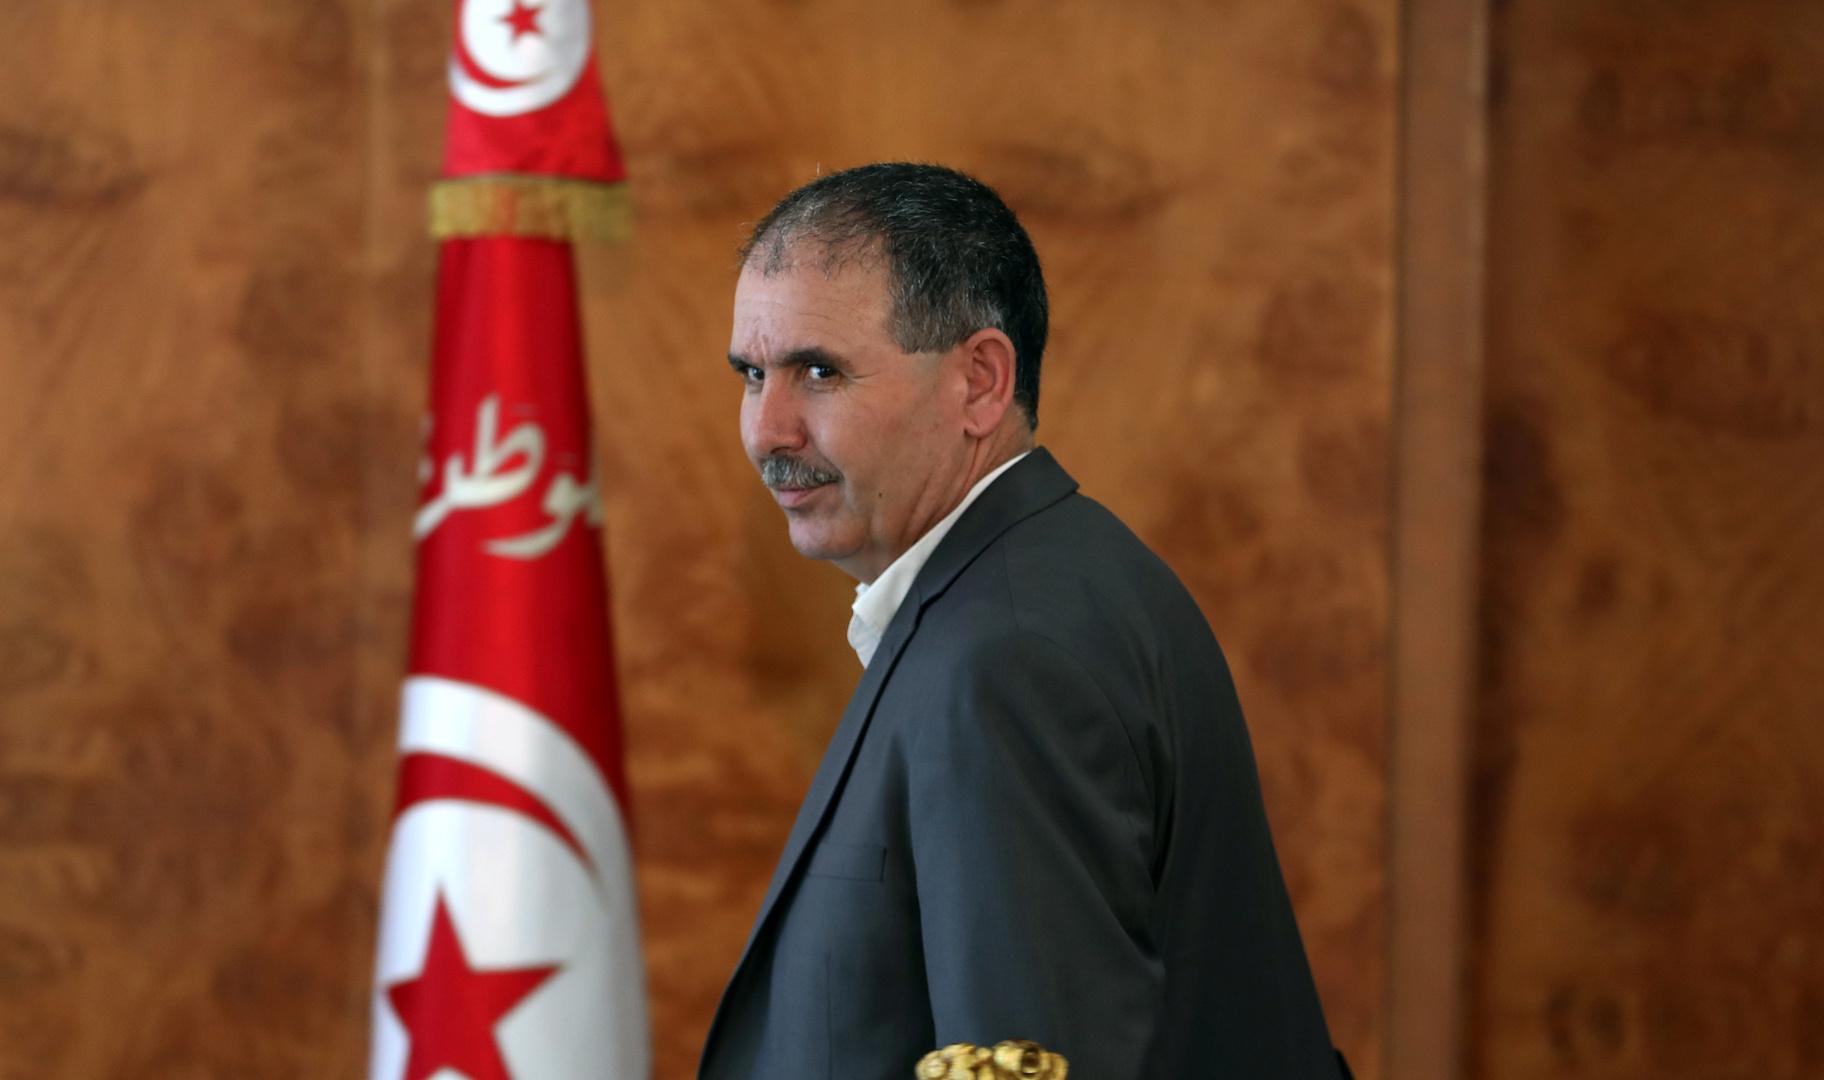 الاتحاد التونسي للشغل: لن نقبل بالتدخل الأجنبي وحذار من الانزلاق إلى سياسة المحاور